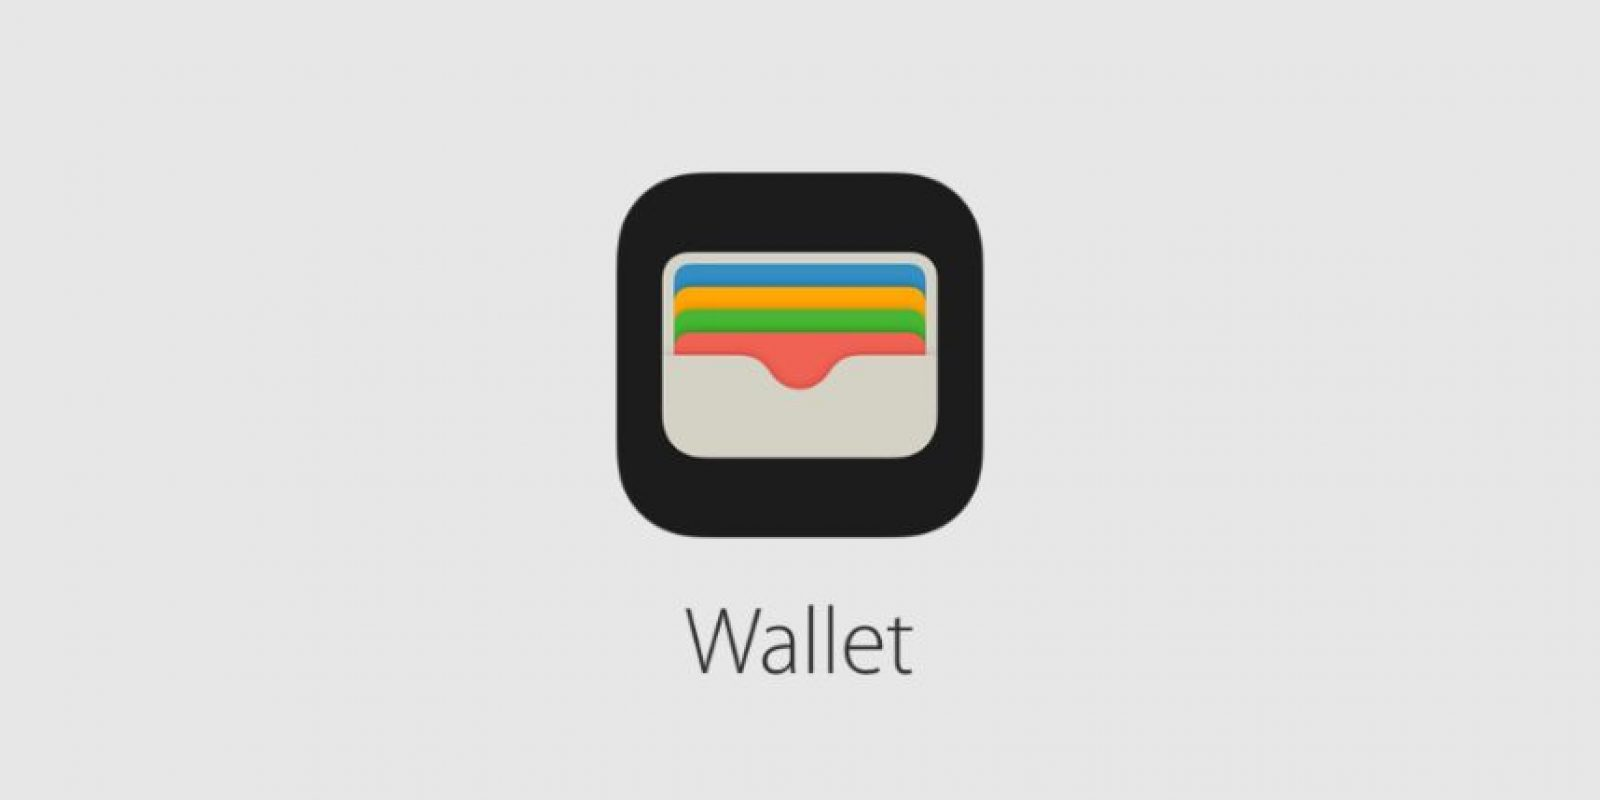 También se anunció la actualización de apps como Wallet Foto:Apple